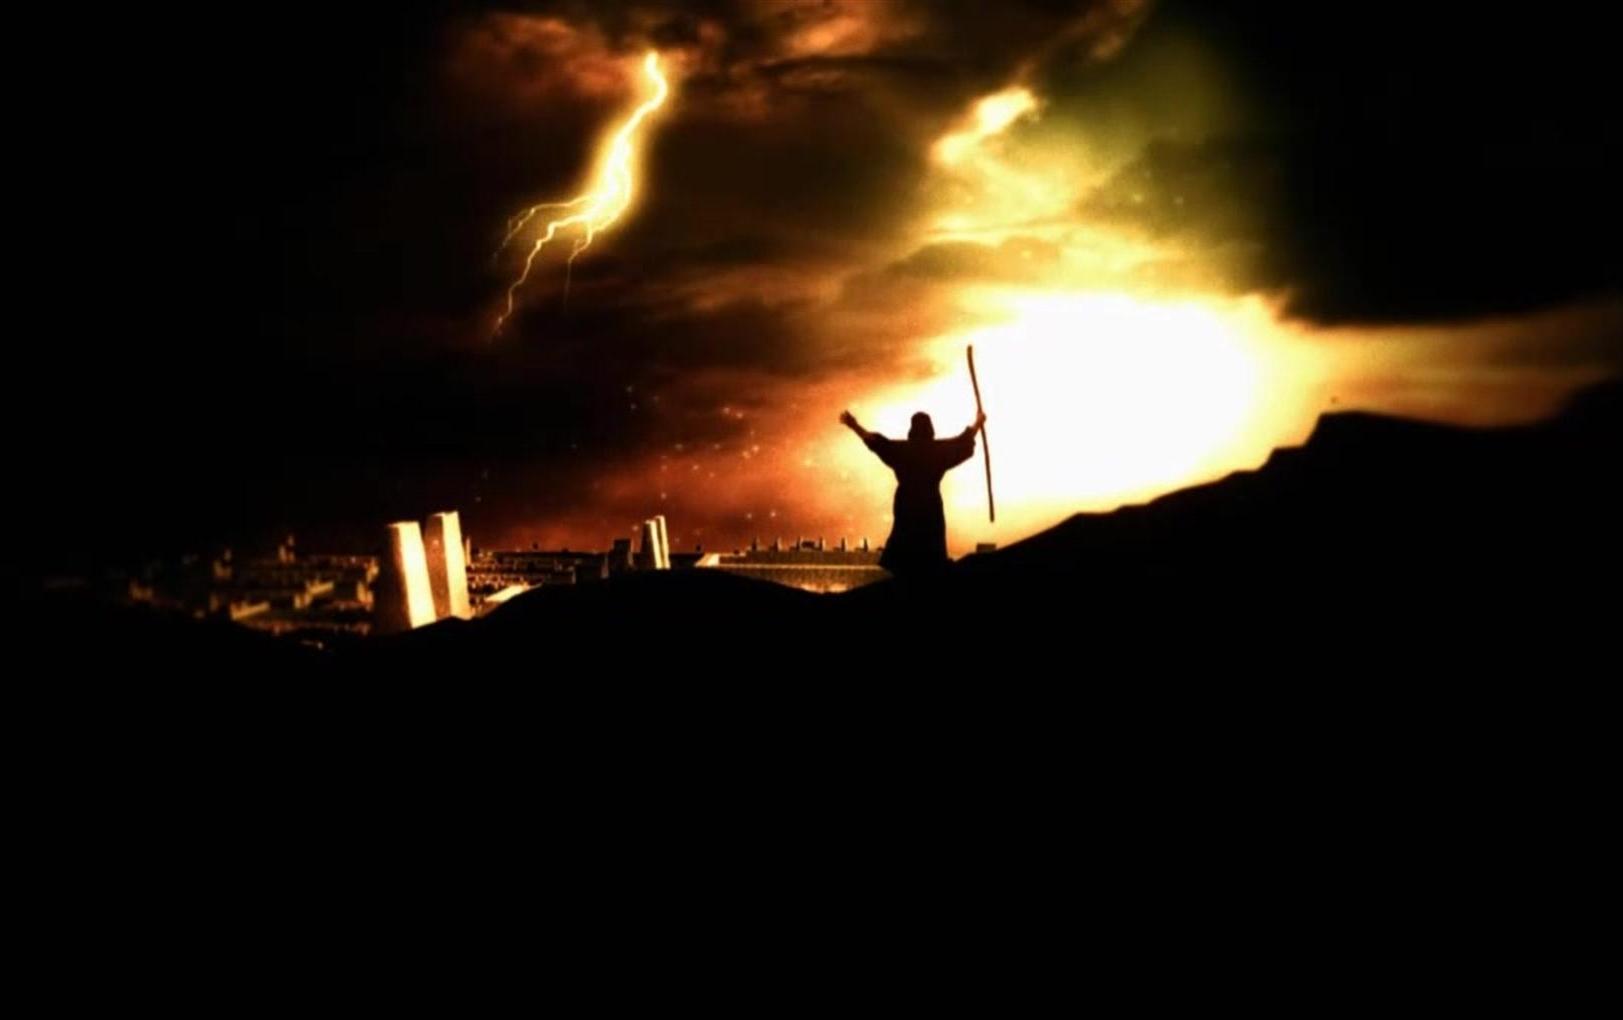 Cuáles son los Símbolos Ocultos en la Biblia para Descifrar Sueños y Visiones